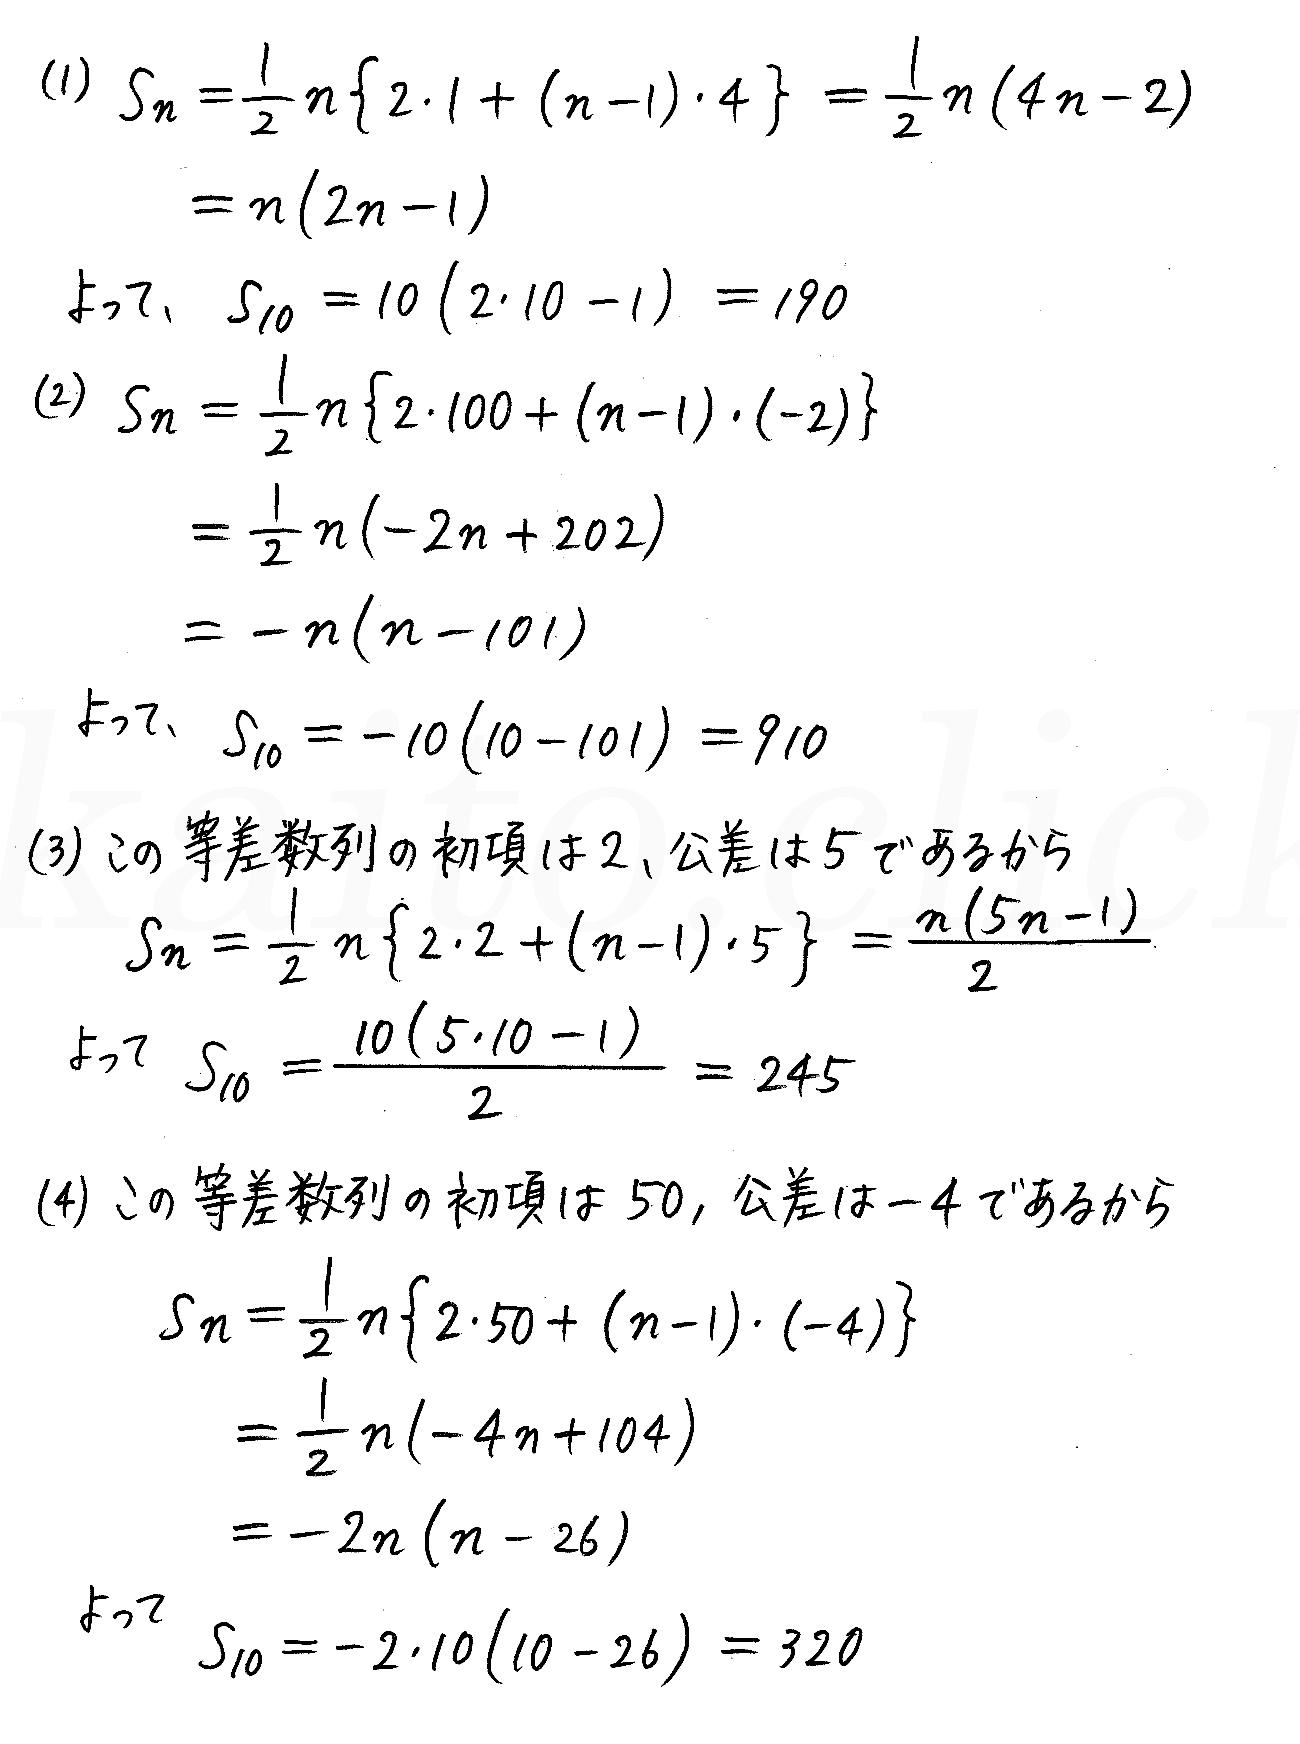 クリアー数学B-166解答